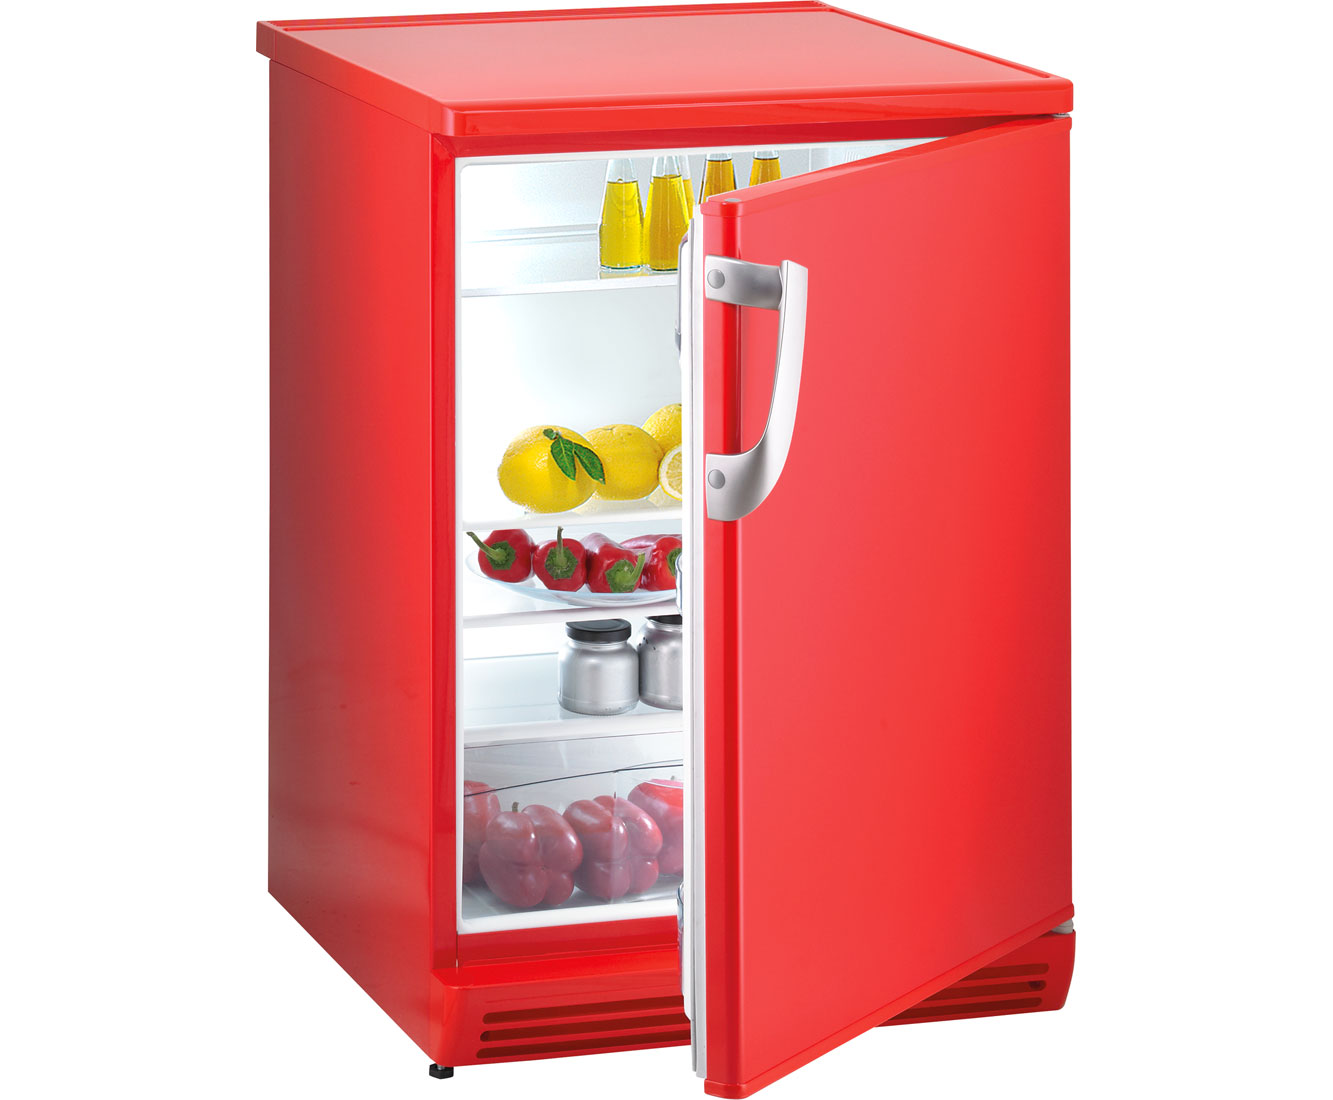 Amica Unterbau Kühlschrank Ohne Gefrierfach : Unterbau kühlschrank mit gefrierfach 26 gorgeous kühlschrank ohne